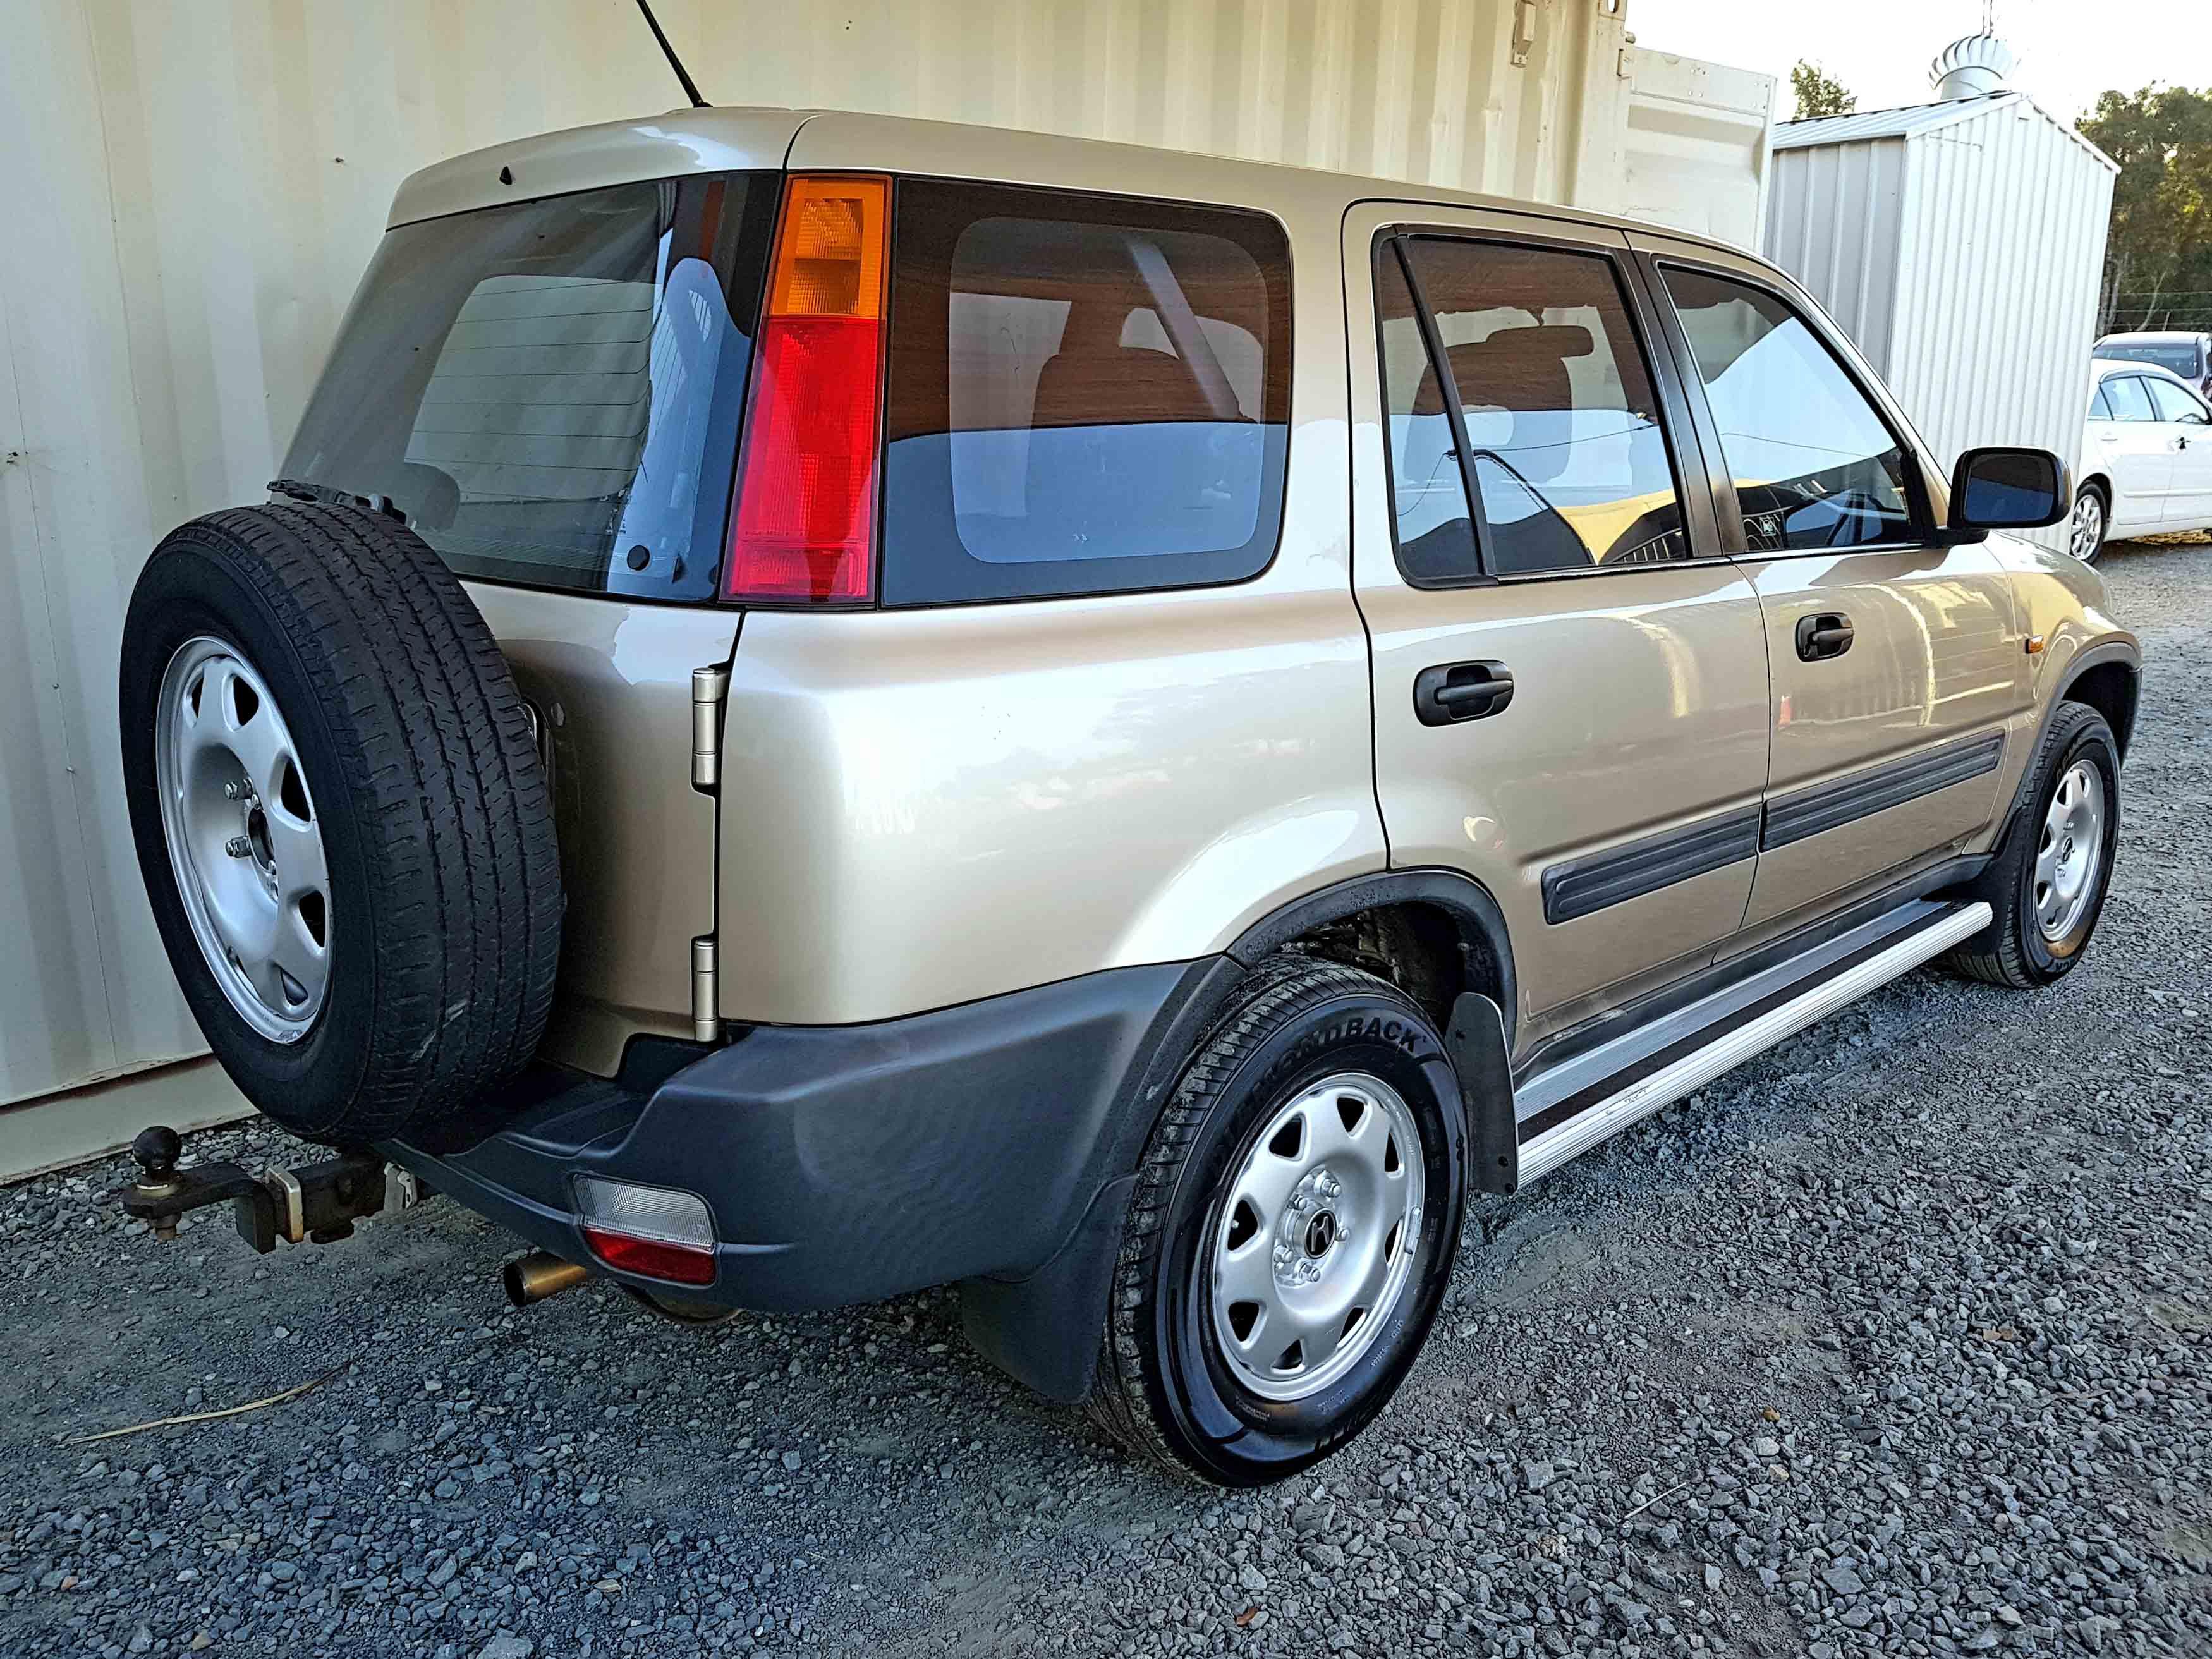 honda crv sport 2000 gold 9 used vehicle sales. Black Bedroom Furniture Sets. Home Design Ideas